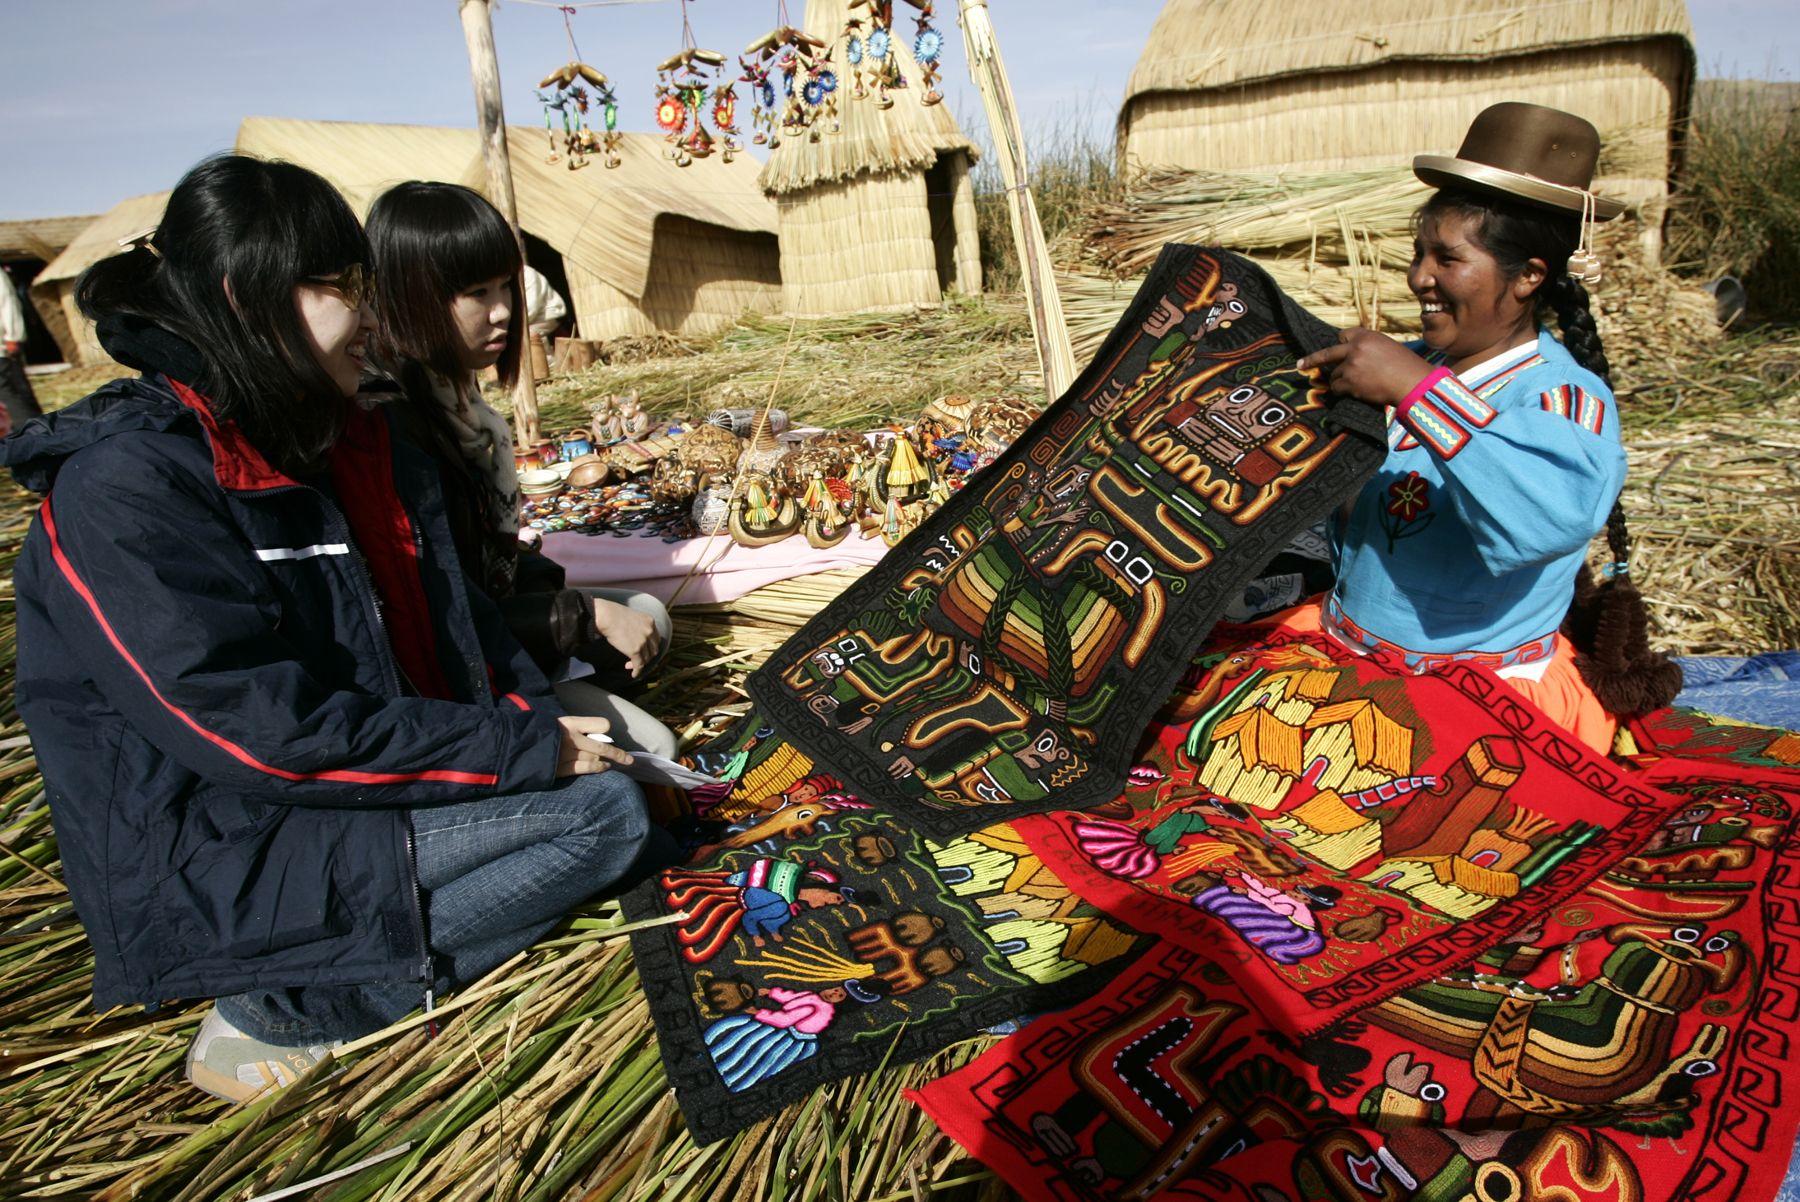 Delegados del Encuentro de Jóvenes de la APEC visitan la Isla de los Uros, en el Lago Titicaca, Puno. Foto: ANDINA / Rafael Cornejo